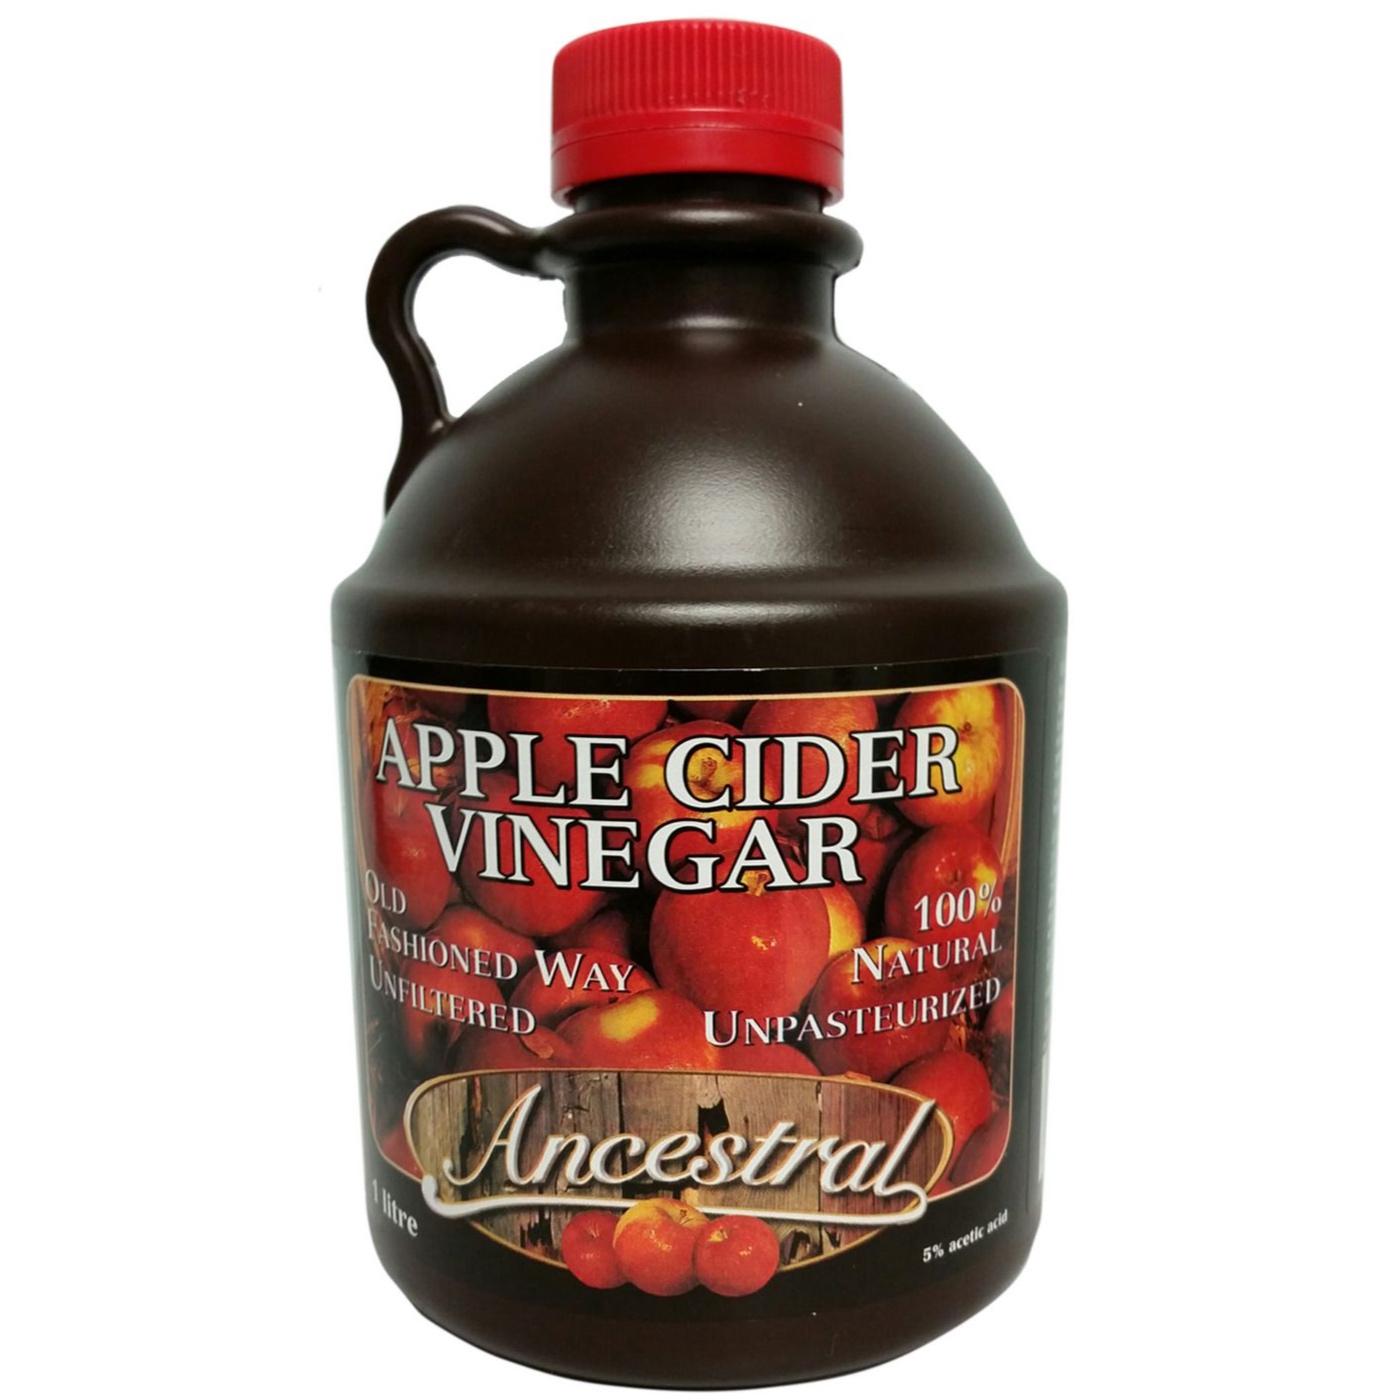 Vinaigre de cidre de pommes. $4.99 -